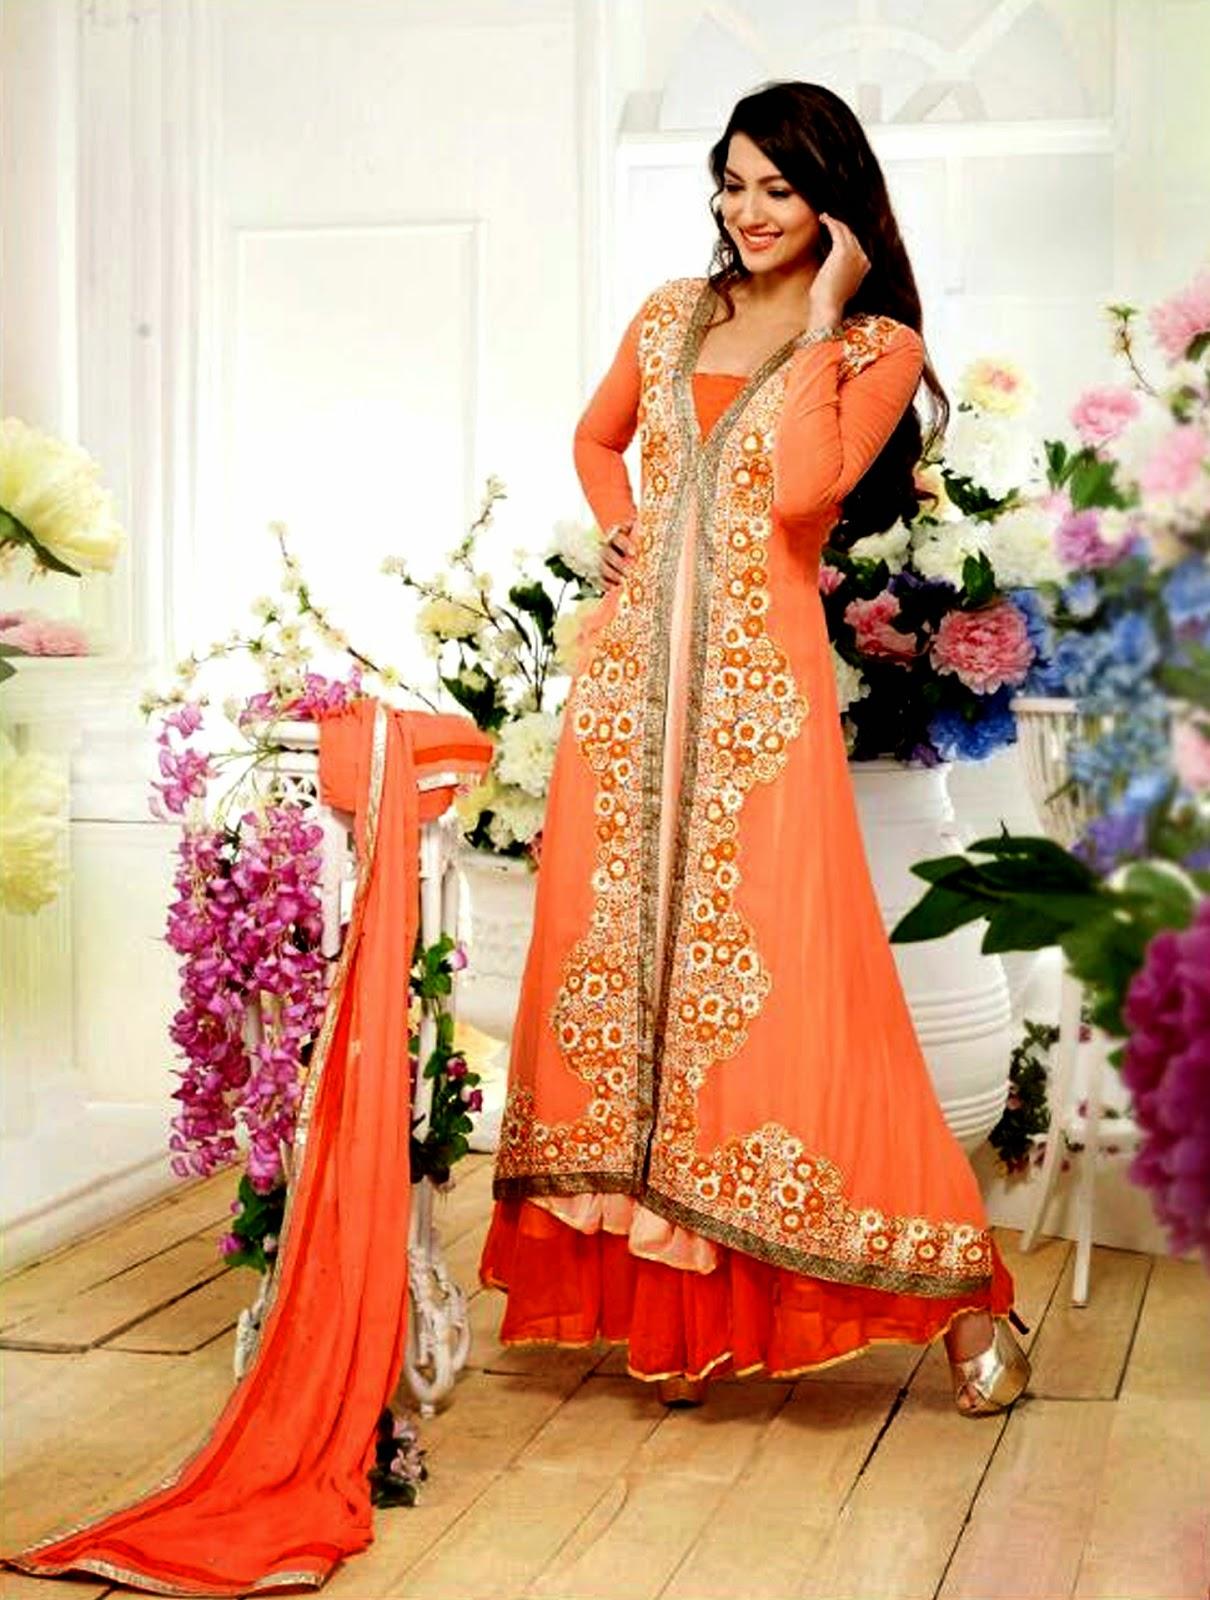 Gauhar Khan Anarkali Suit Wallpapers Free Download